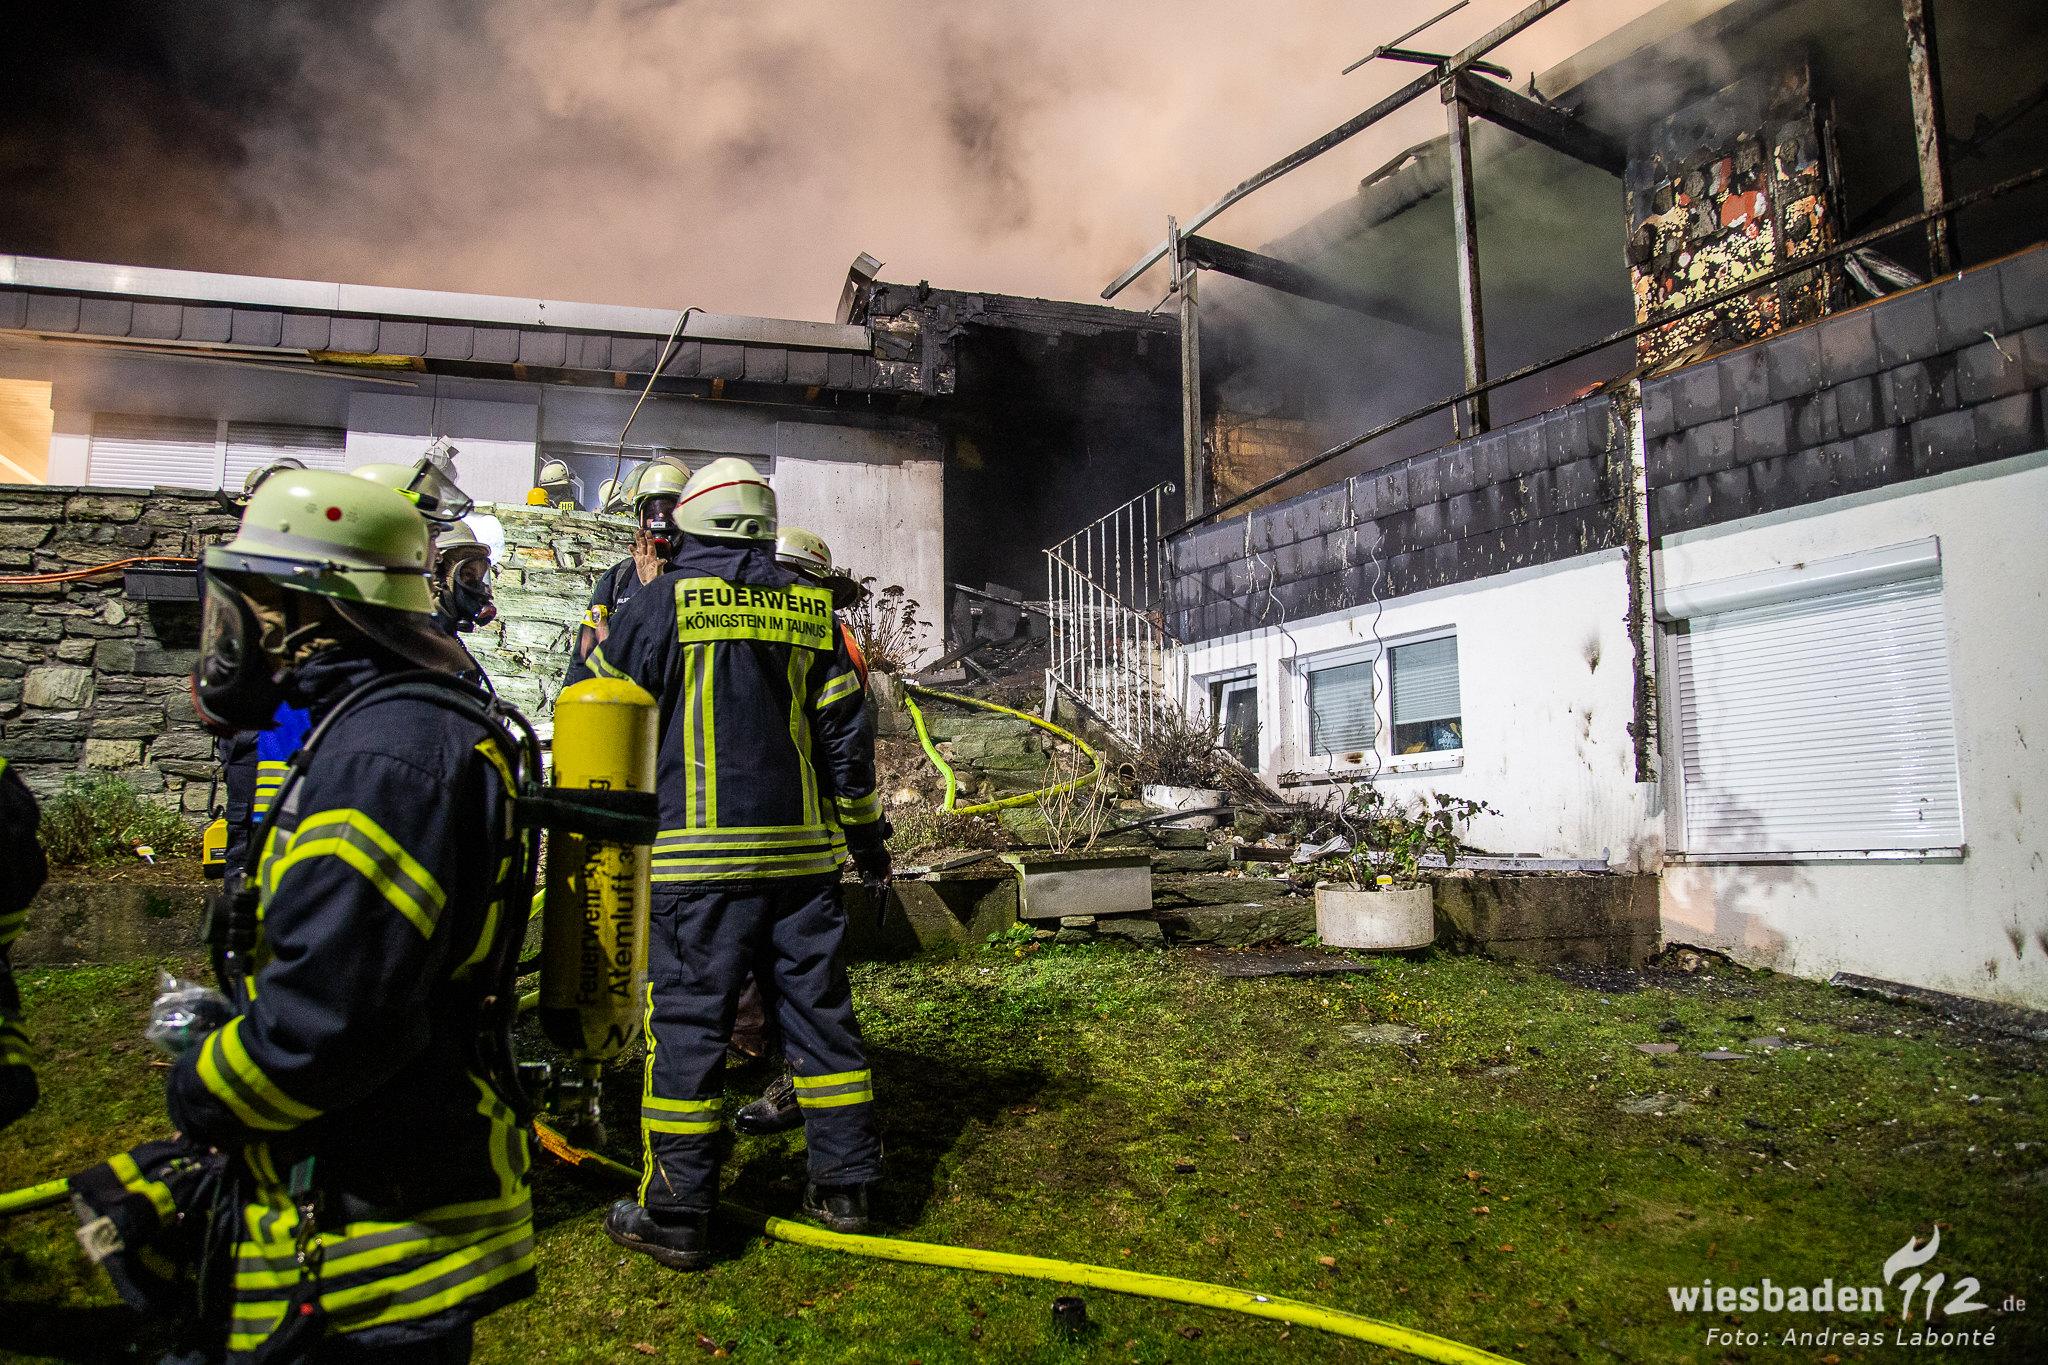 2019-21-12 Glashütten Brand (8 von 8)